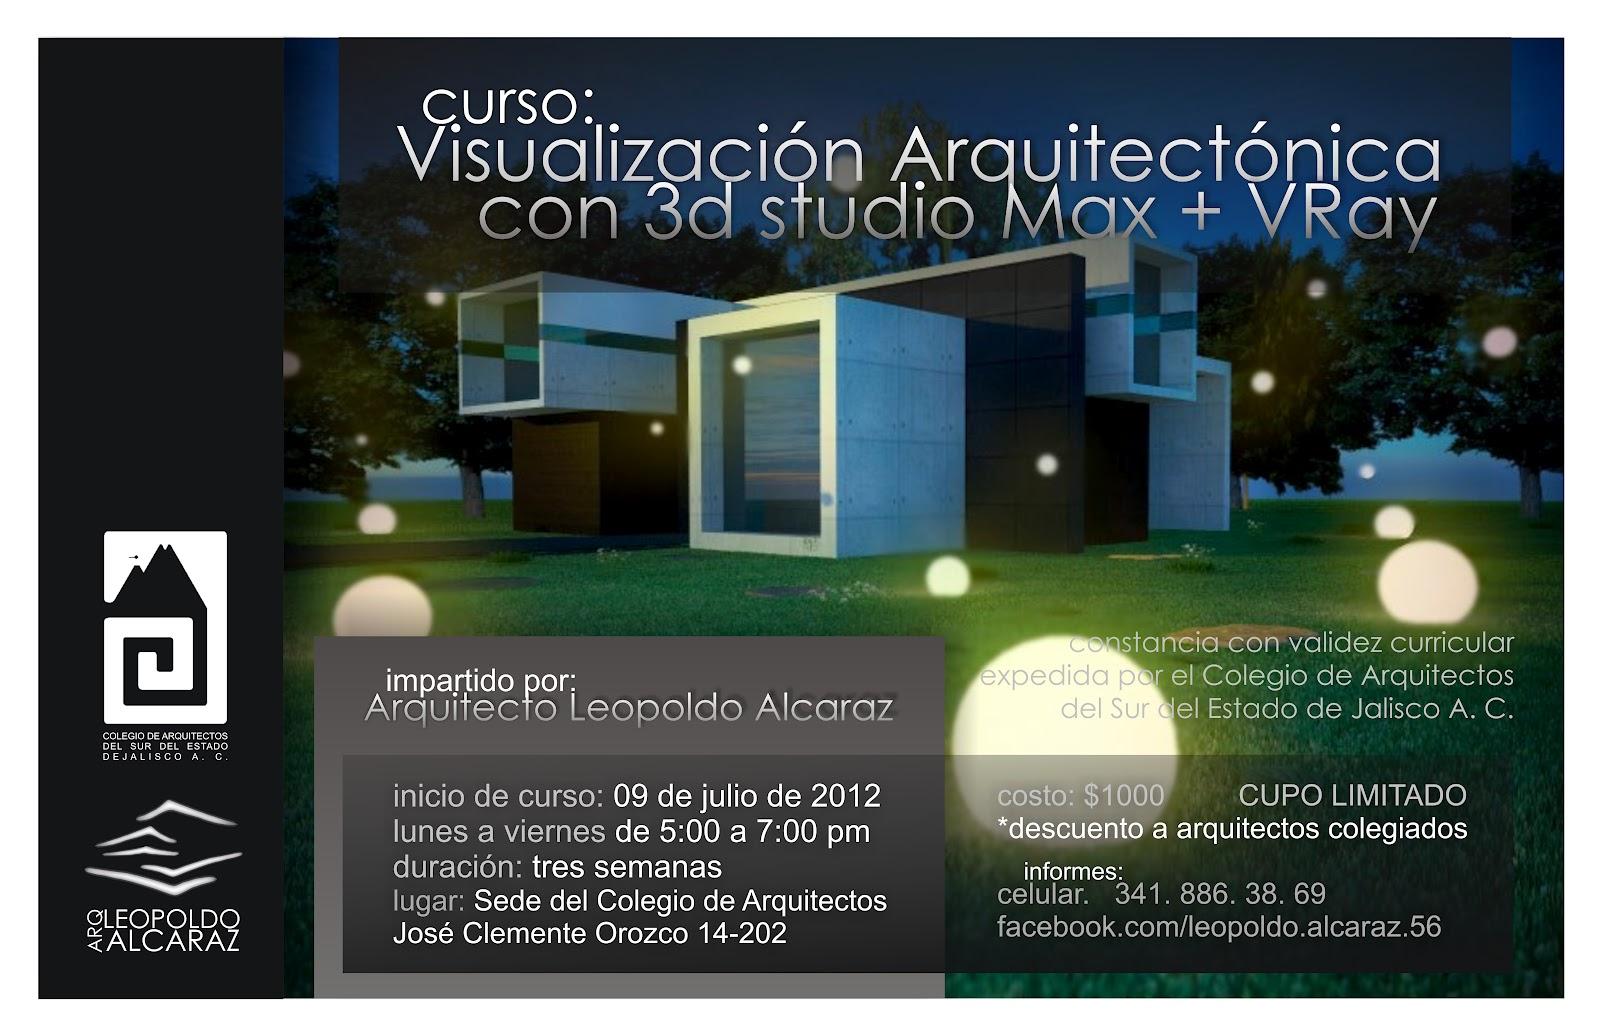 Curso 3ds max y vray wicho dise o mx for Cursos para arquitectos